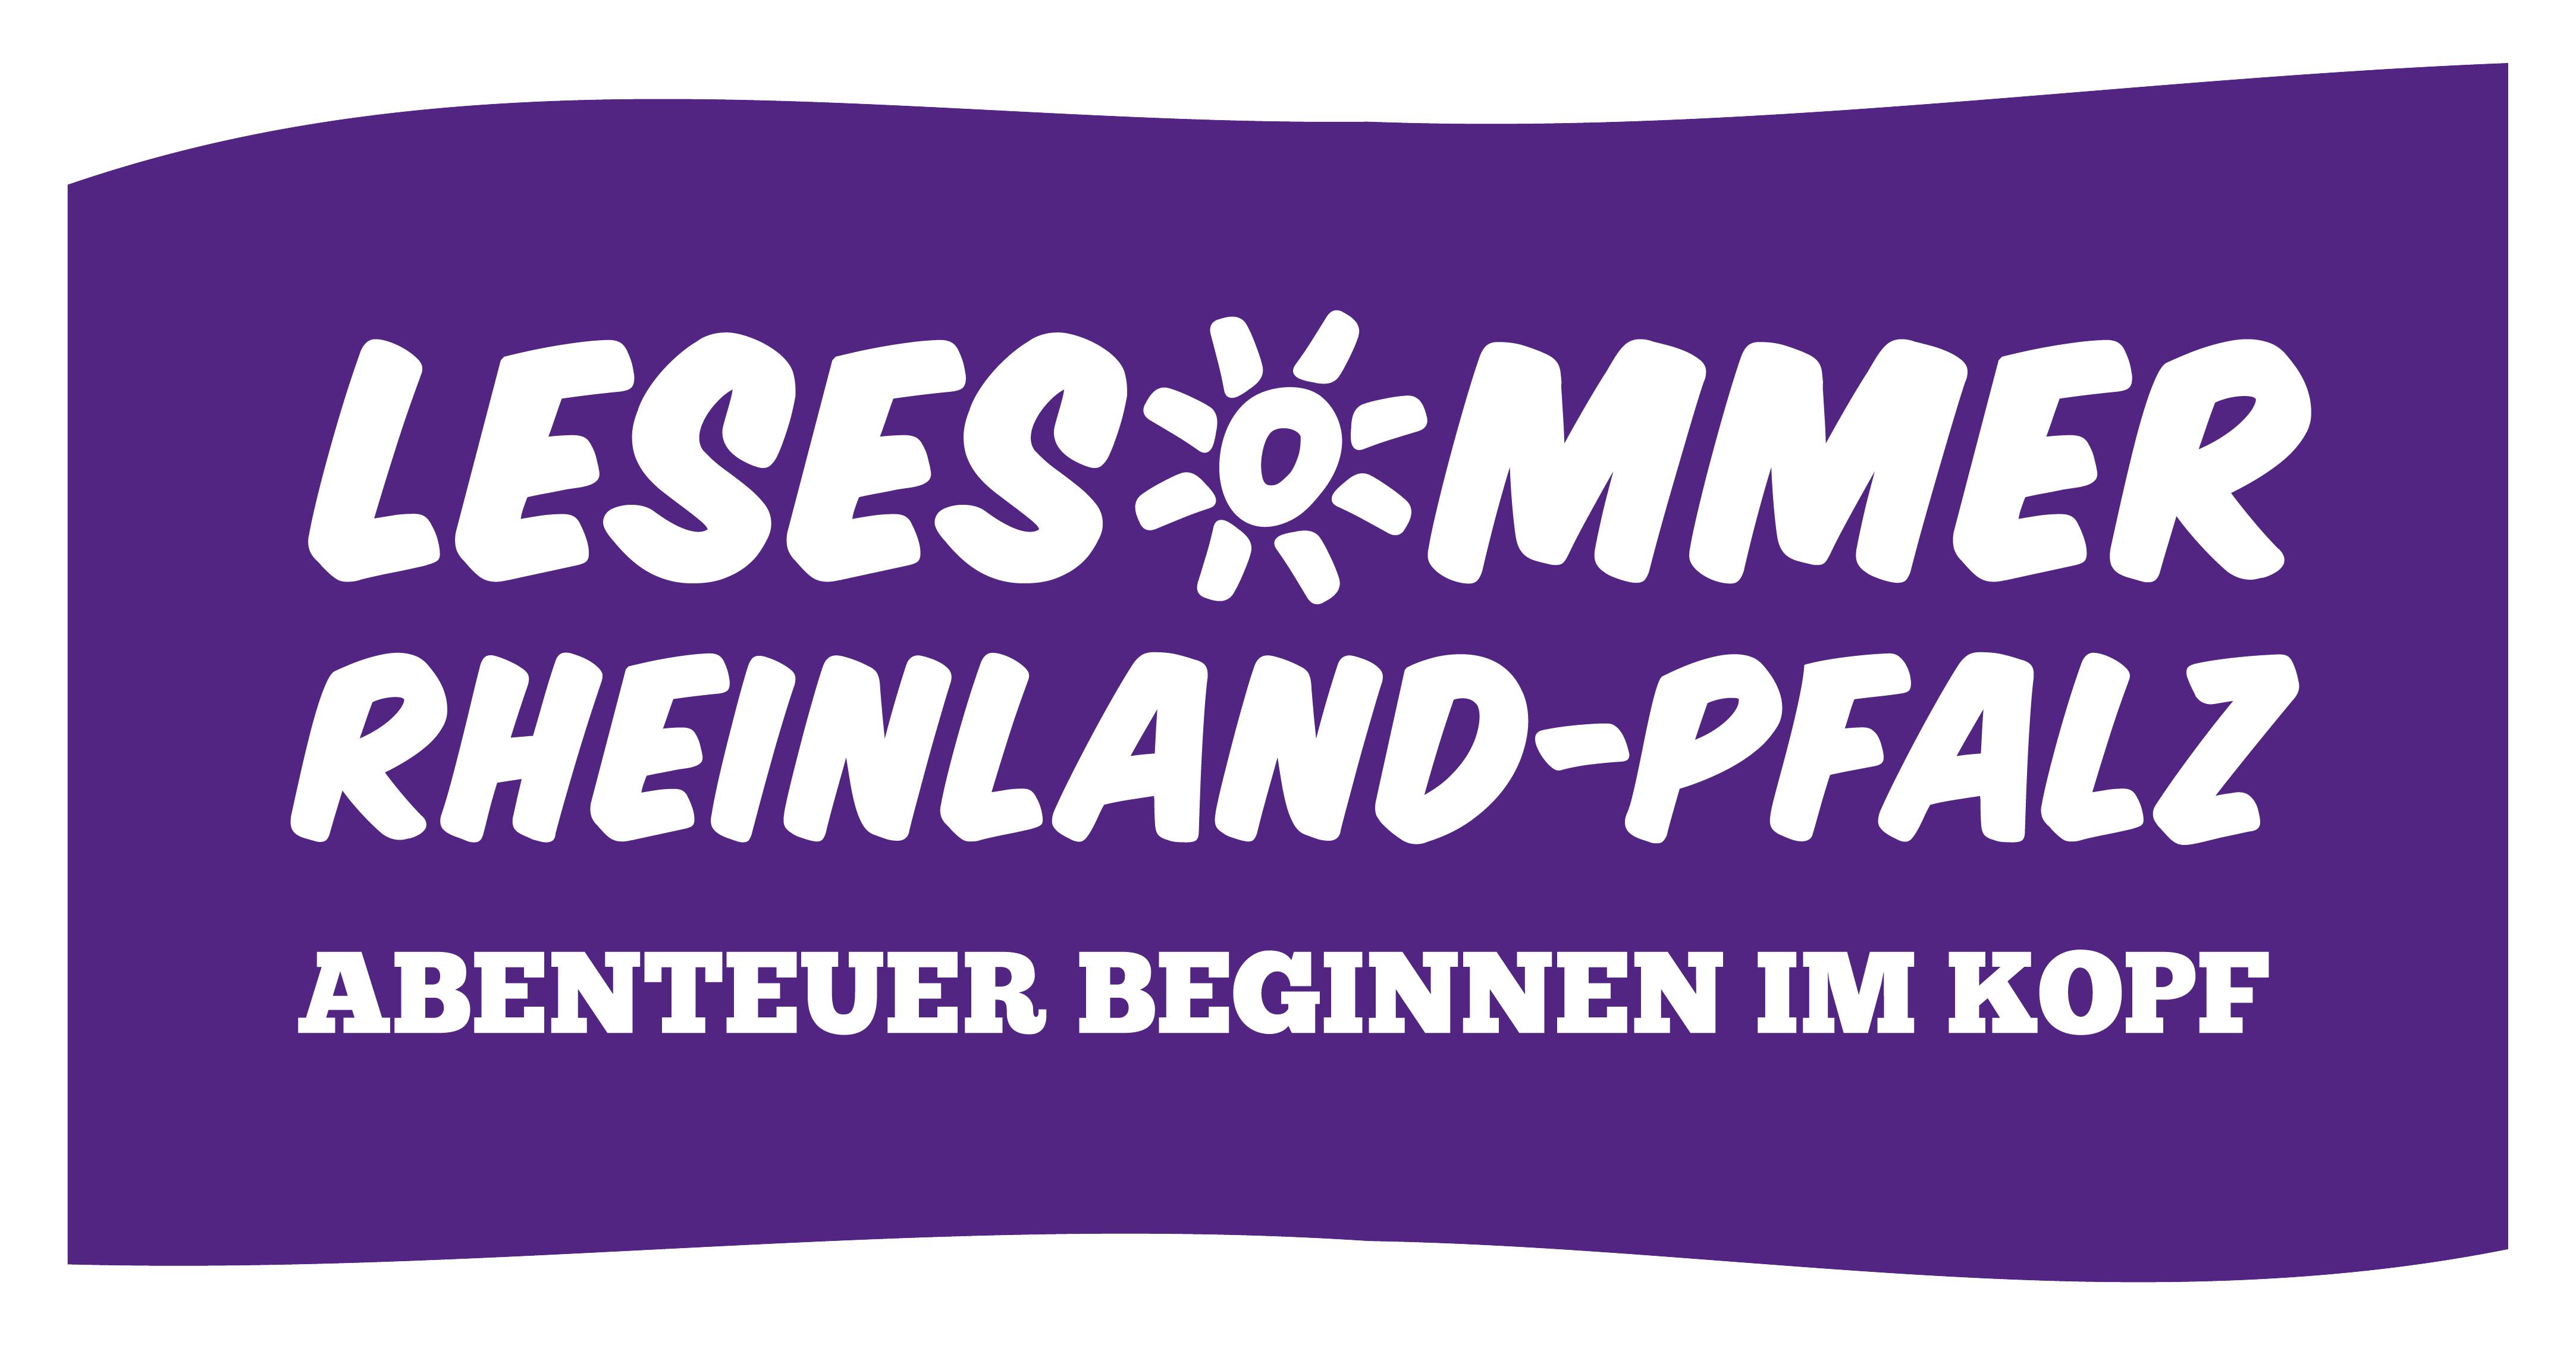 Gewinnspiele Ab Juni 2019 In Rheinlandpfalz